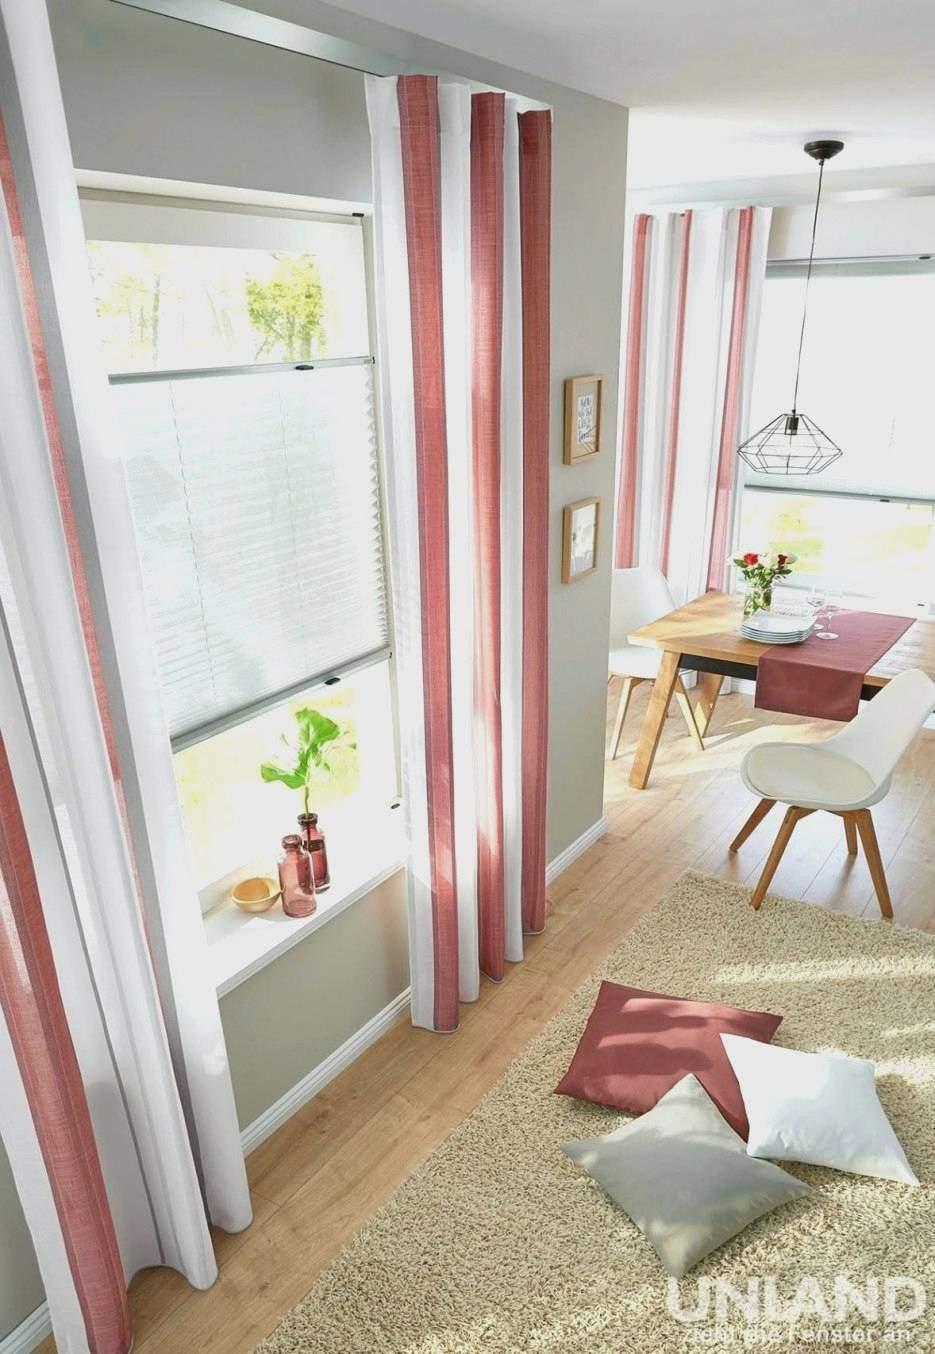 Full Size of Fenster Gardinen Schlafzimmer Wohnzimmer Tapeten Ideen Bad Renovieren Scheibengardinen Küche Für Die Wohnzimmer Gardinen Ideen